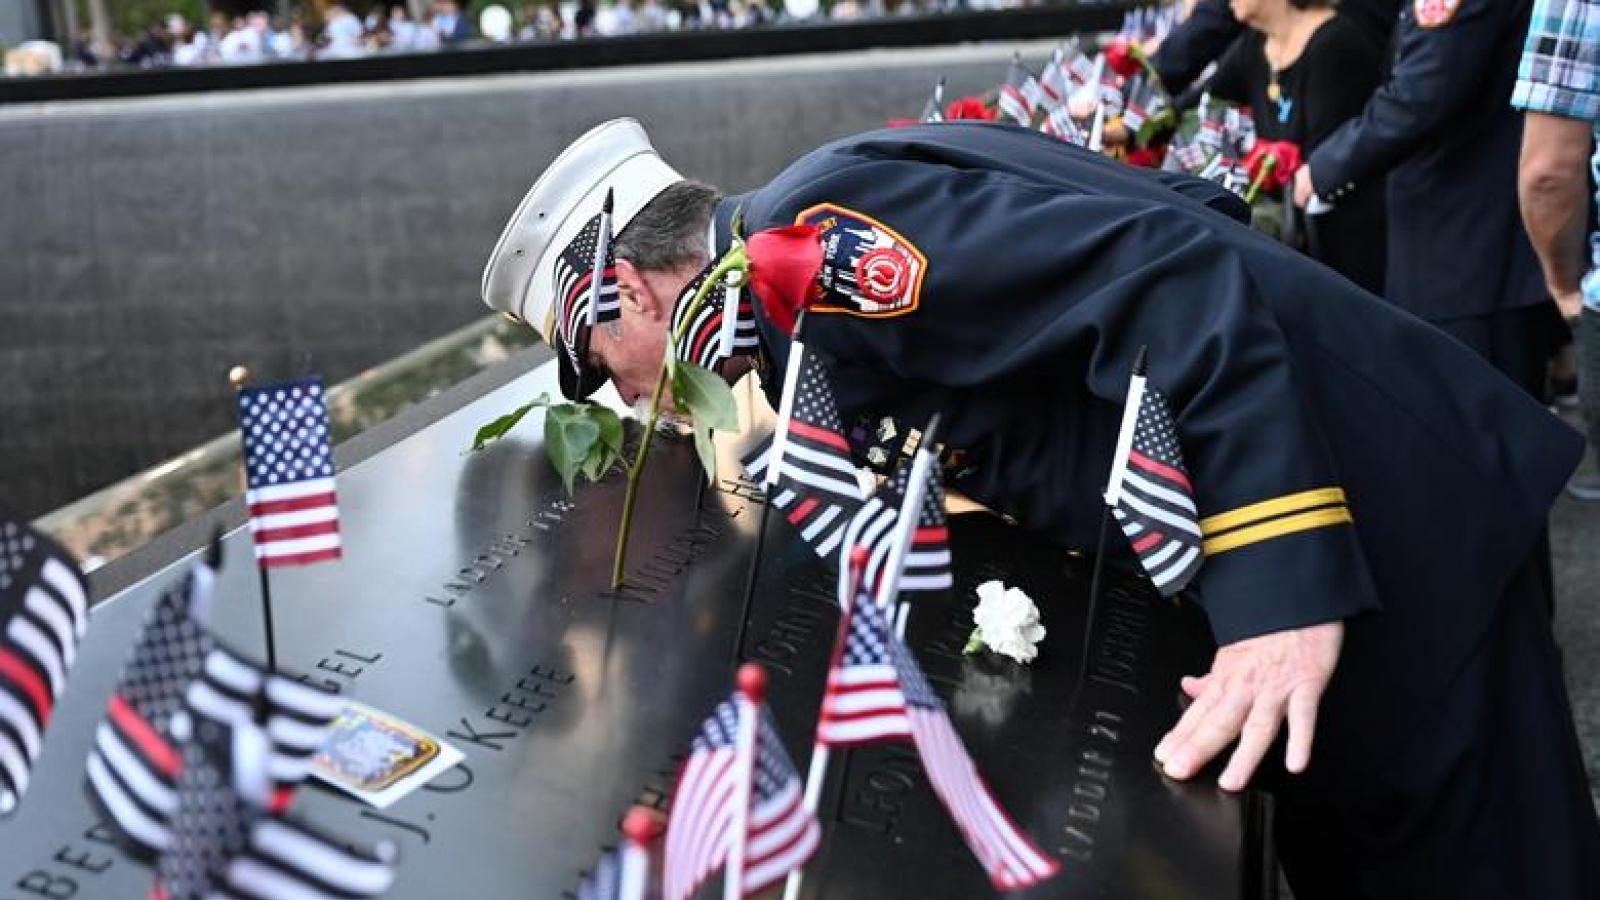 Lễ tưởng niệm 20 năm vụ tấn công khủng bố 11/9 nhiều cảm xúc của toàn nước Mỹ